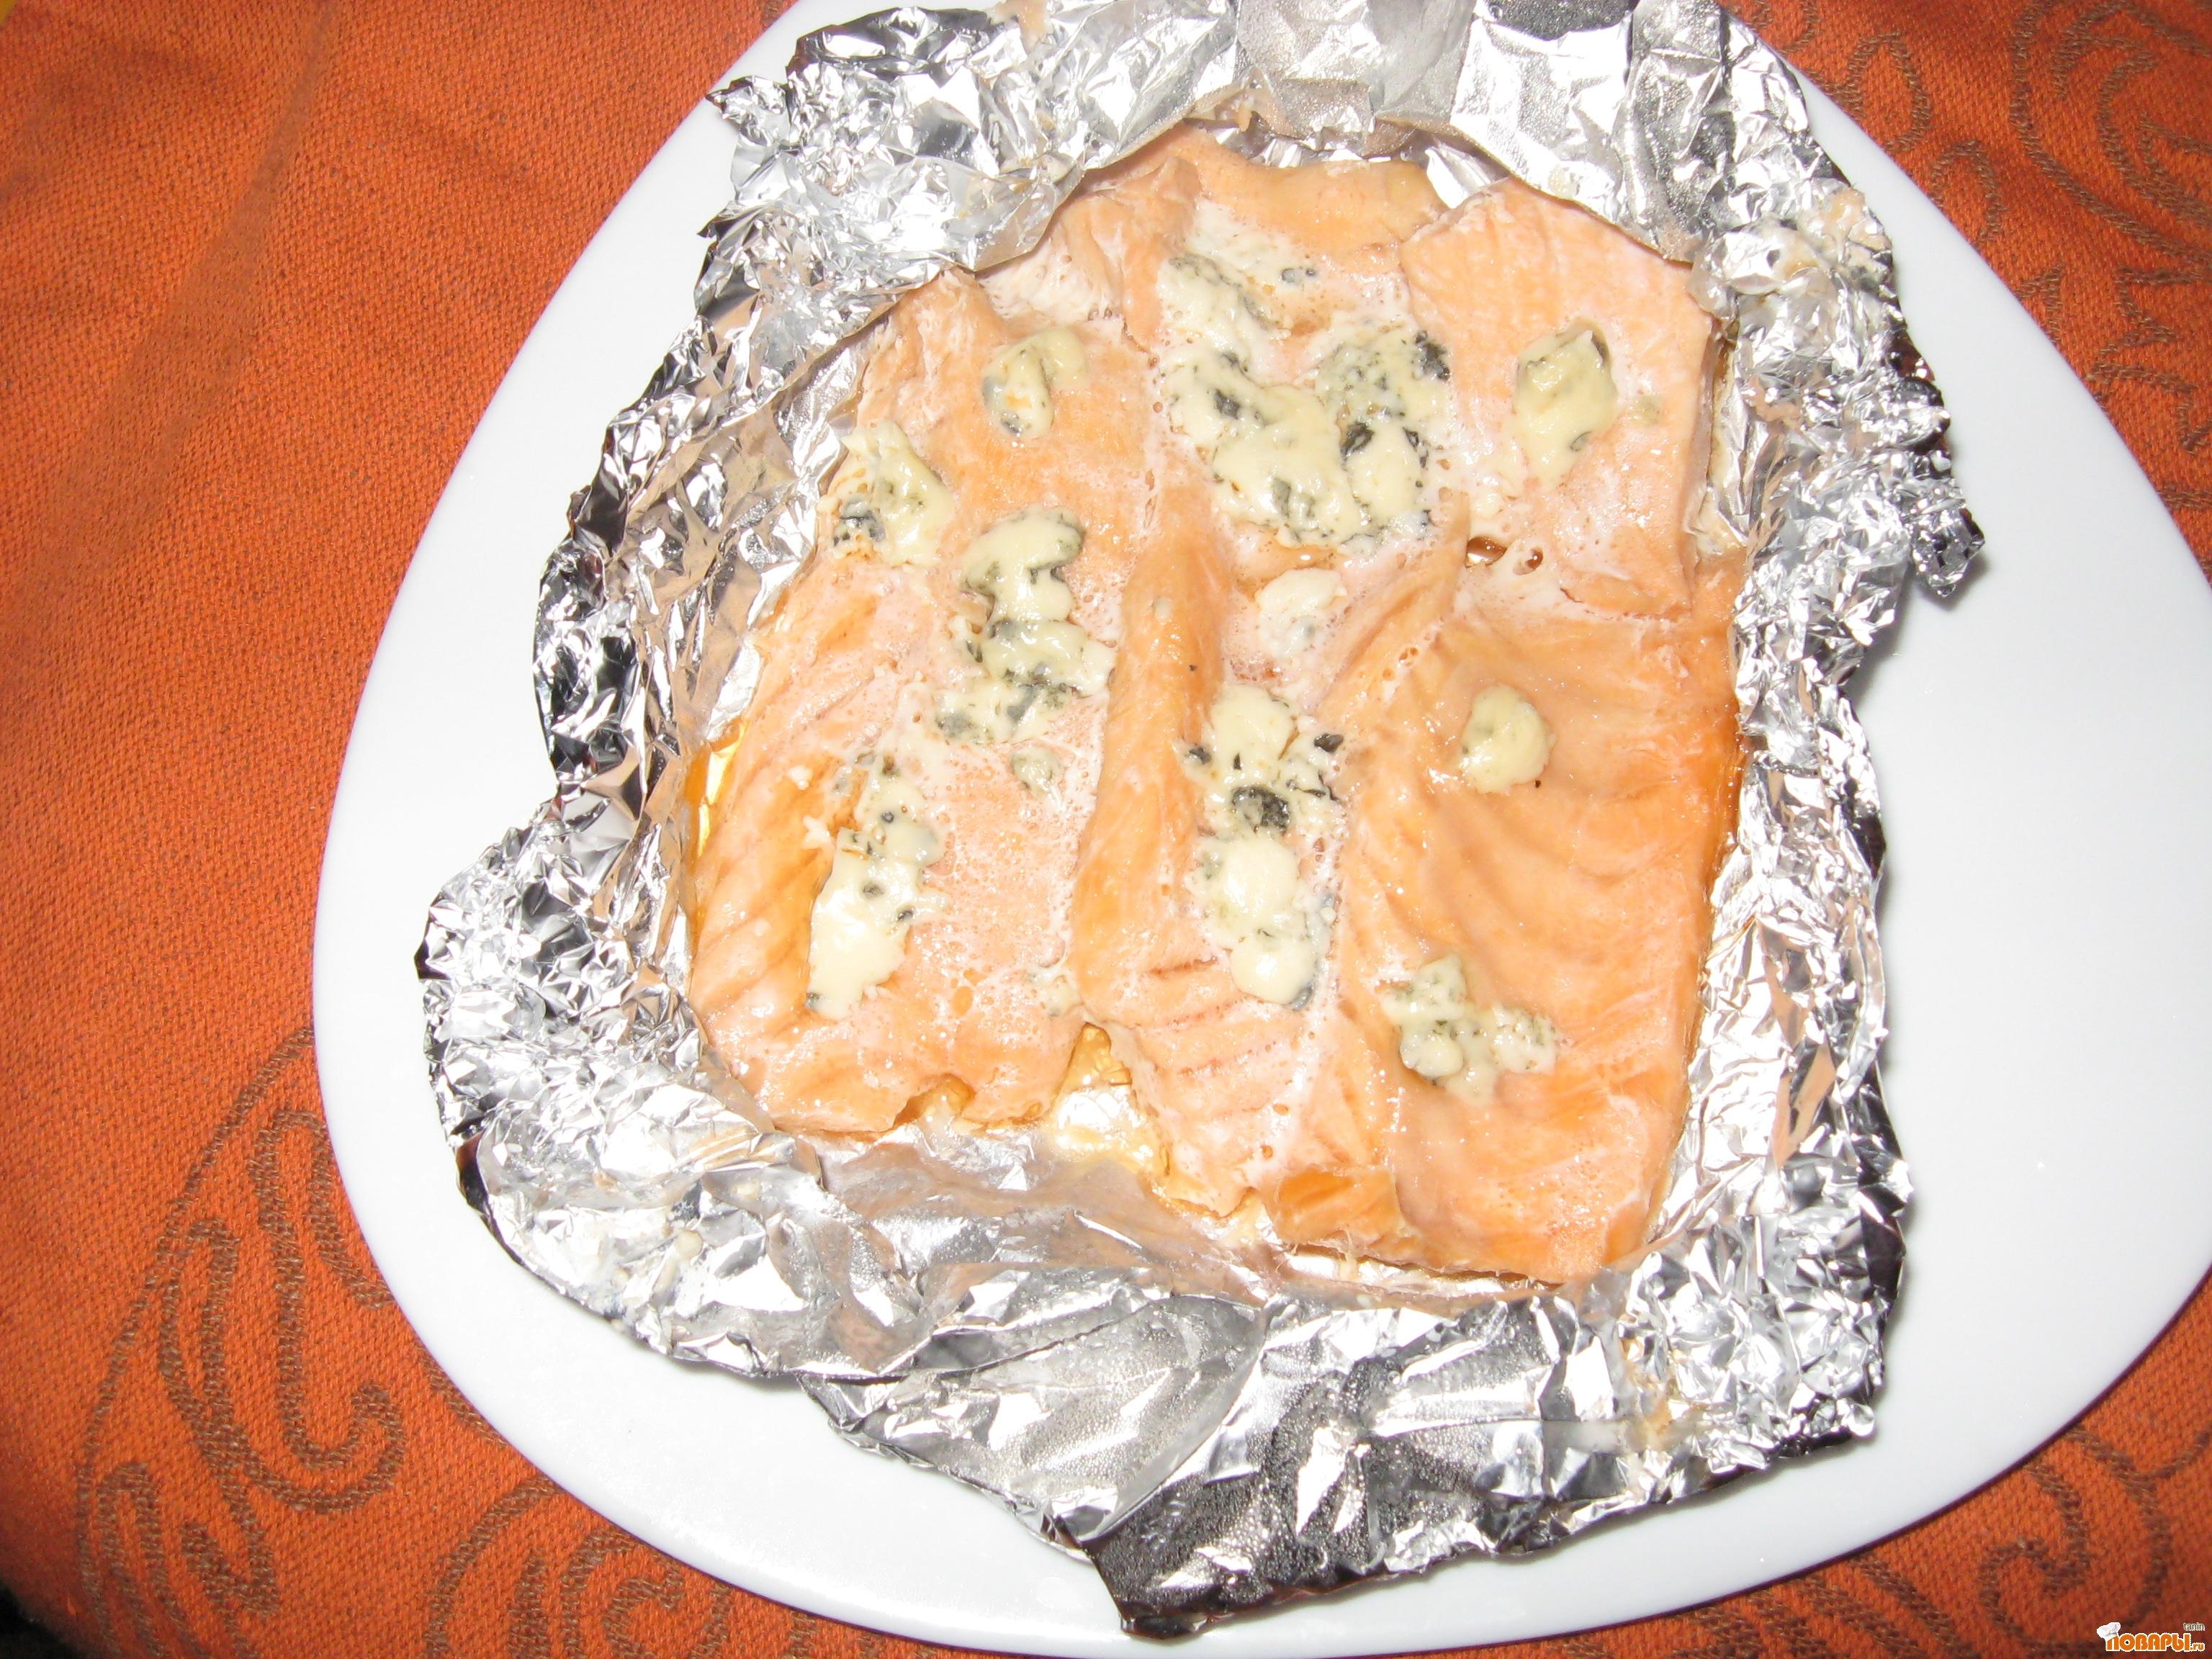 Рецепт Рыба, запеченная с сыром Дор блю